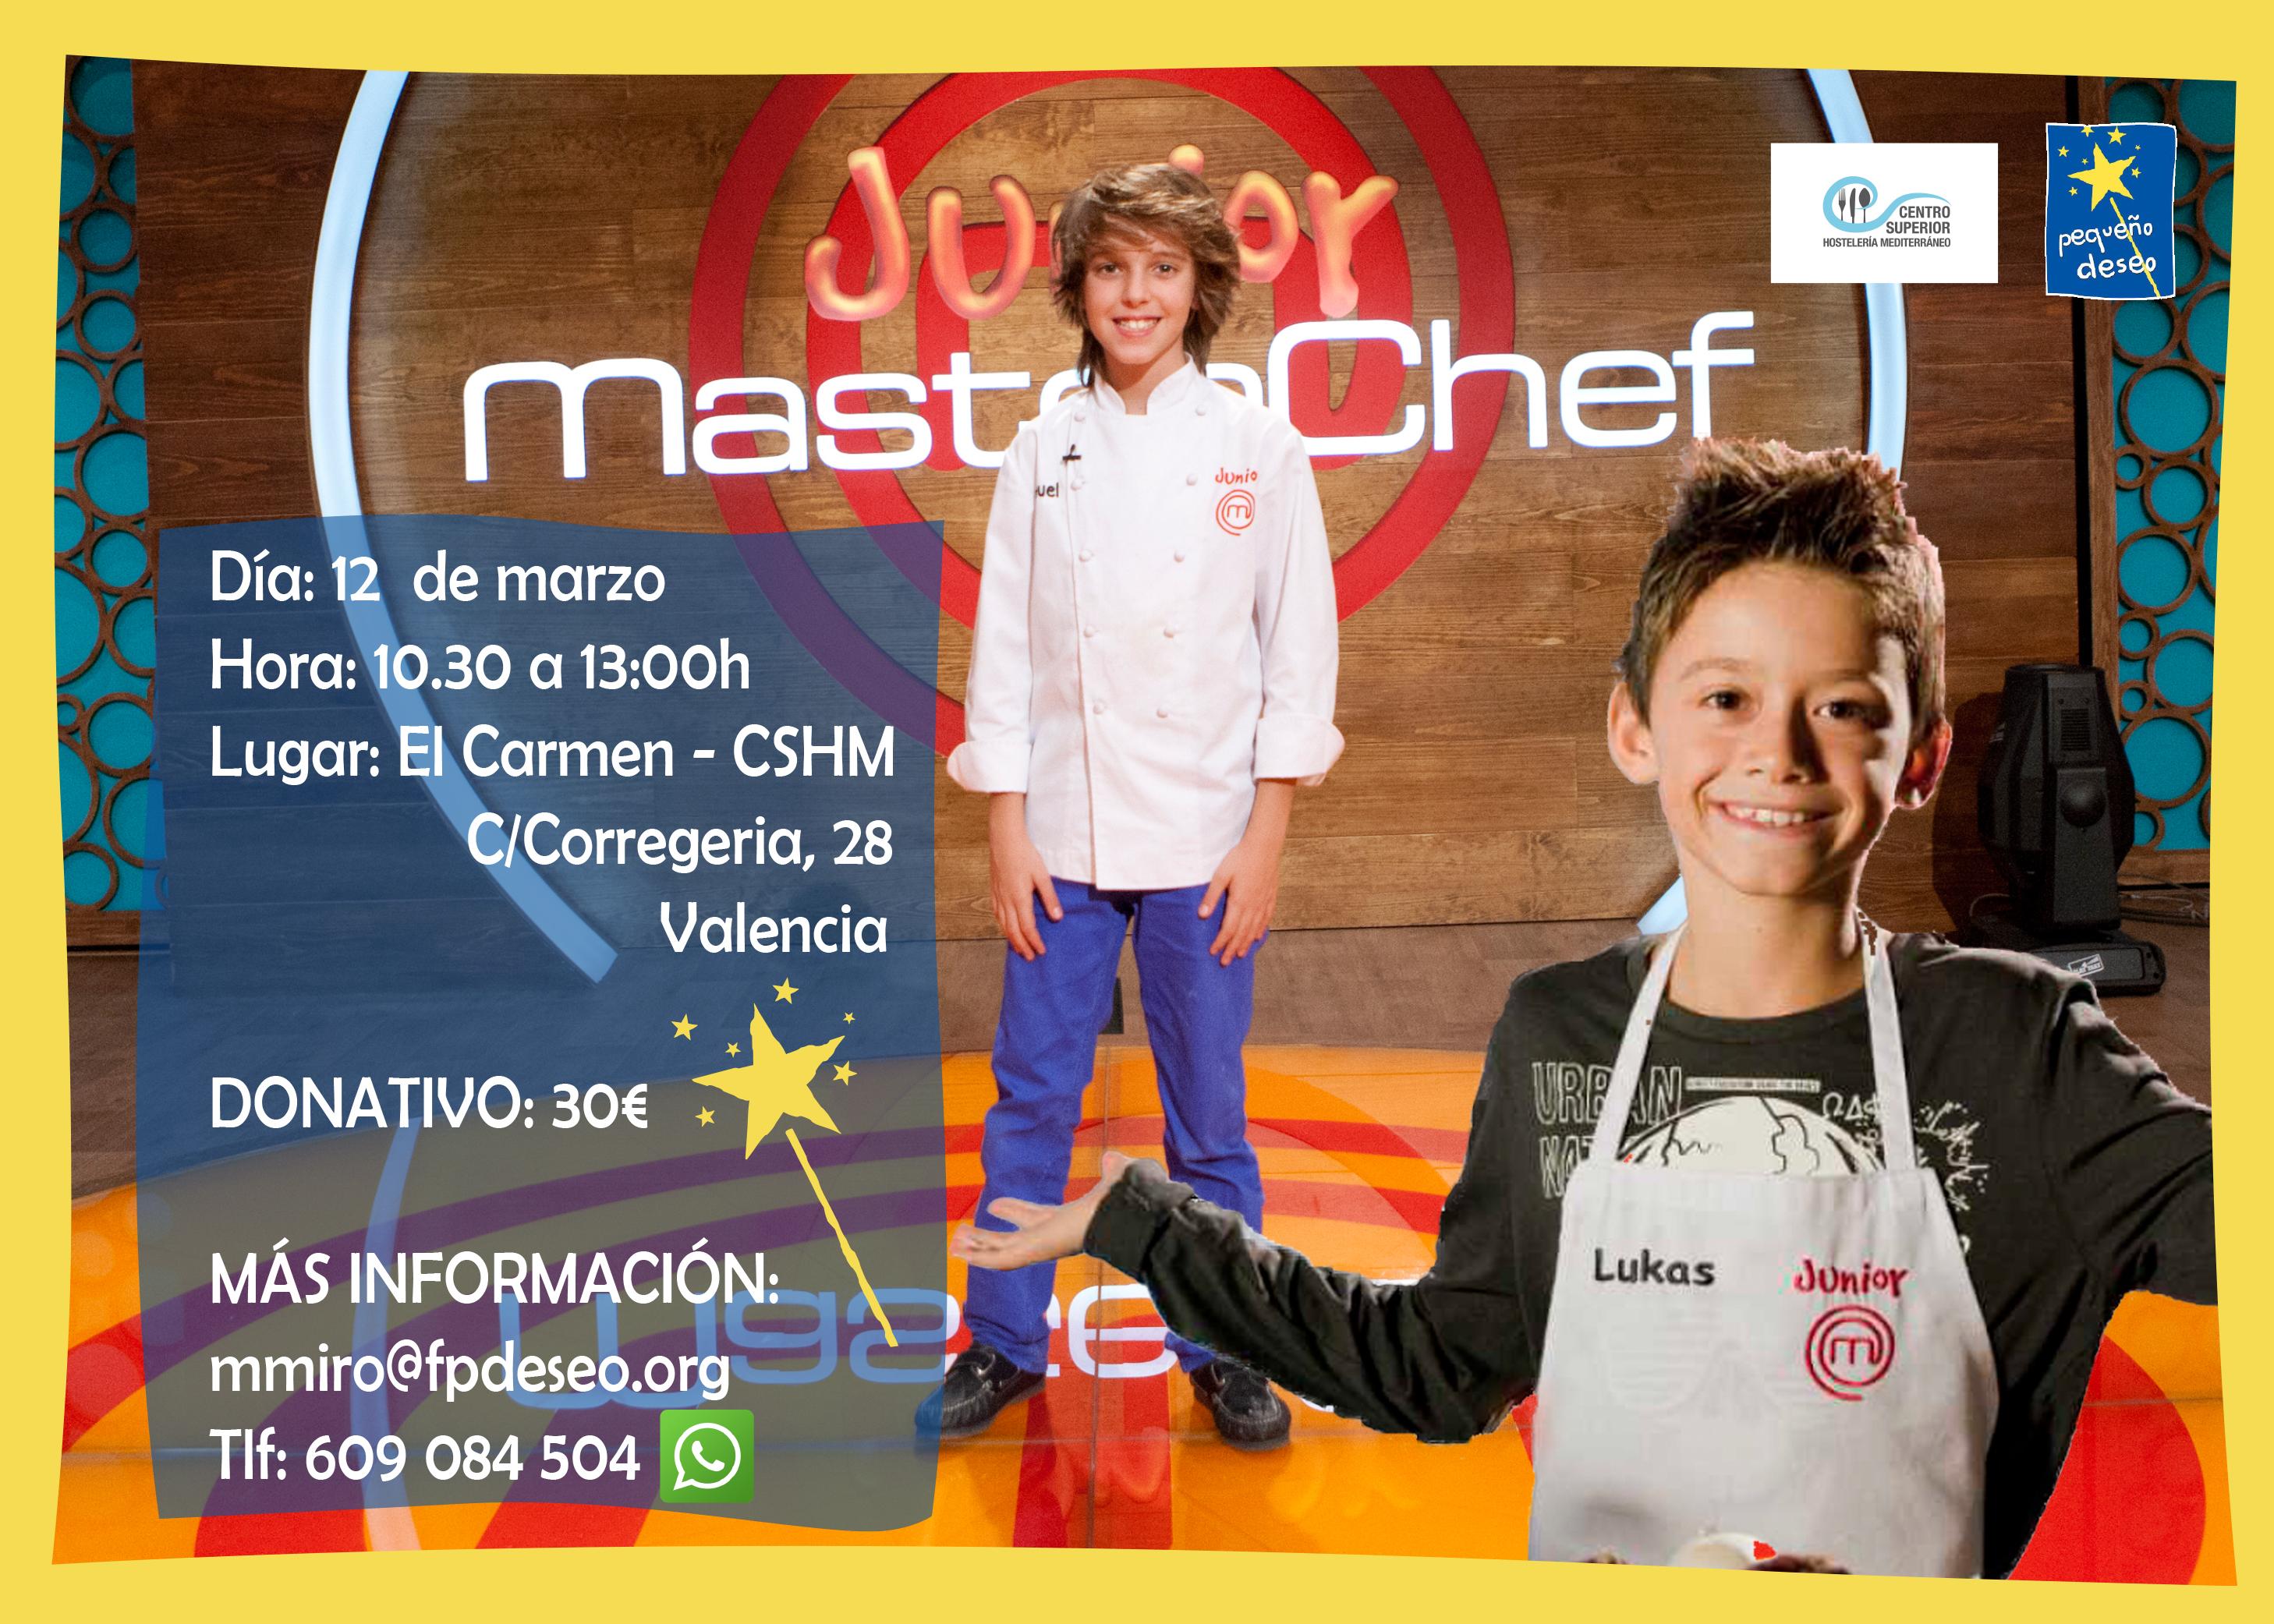 Manuel y Lukas, ganador y finalista de MasterChef Junior, impartirán una Masterclass solidaria para niños a beneficio de la Fundación Pequeño Deseo